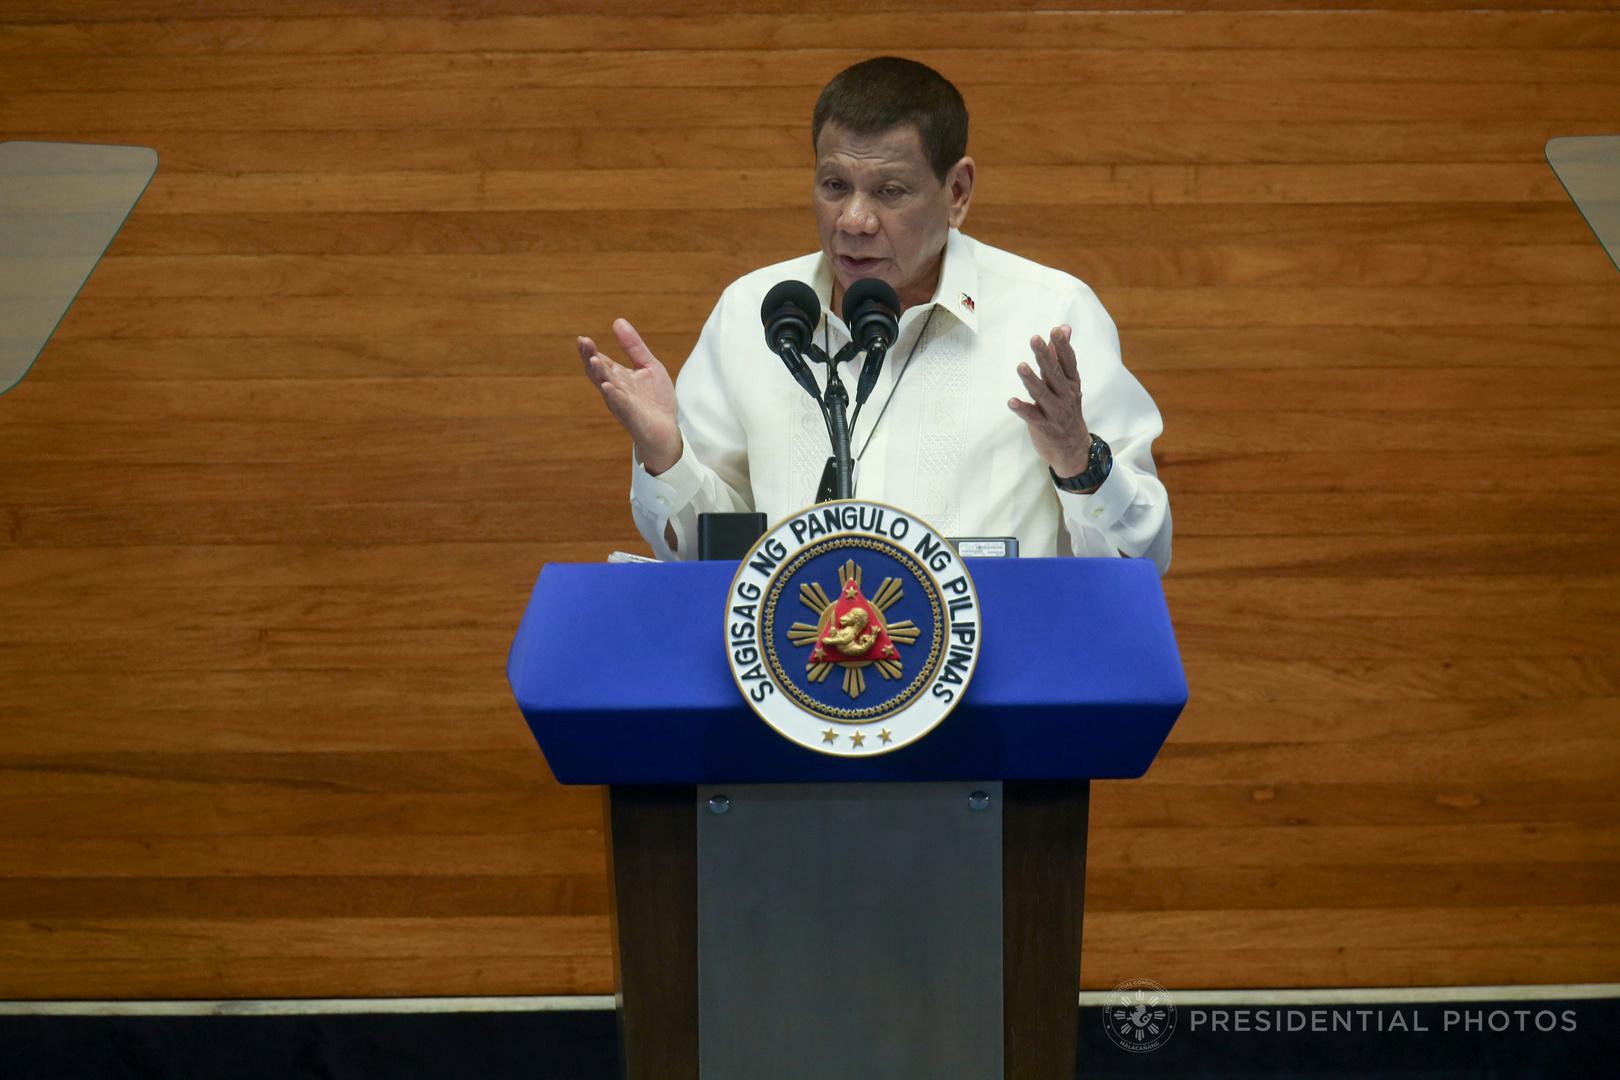 رئيس الفلبين يعلن استعداده لاختبار اللقاح الروسي ضد كورونا على نفسه